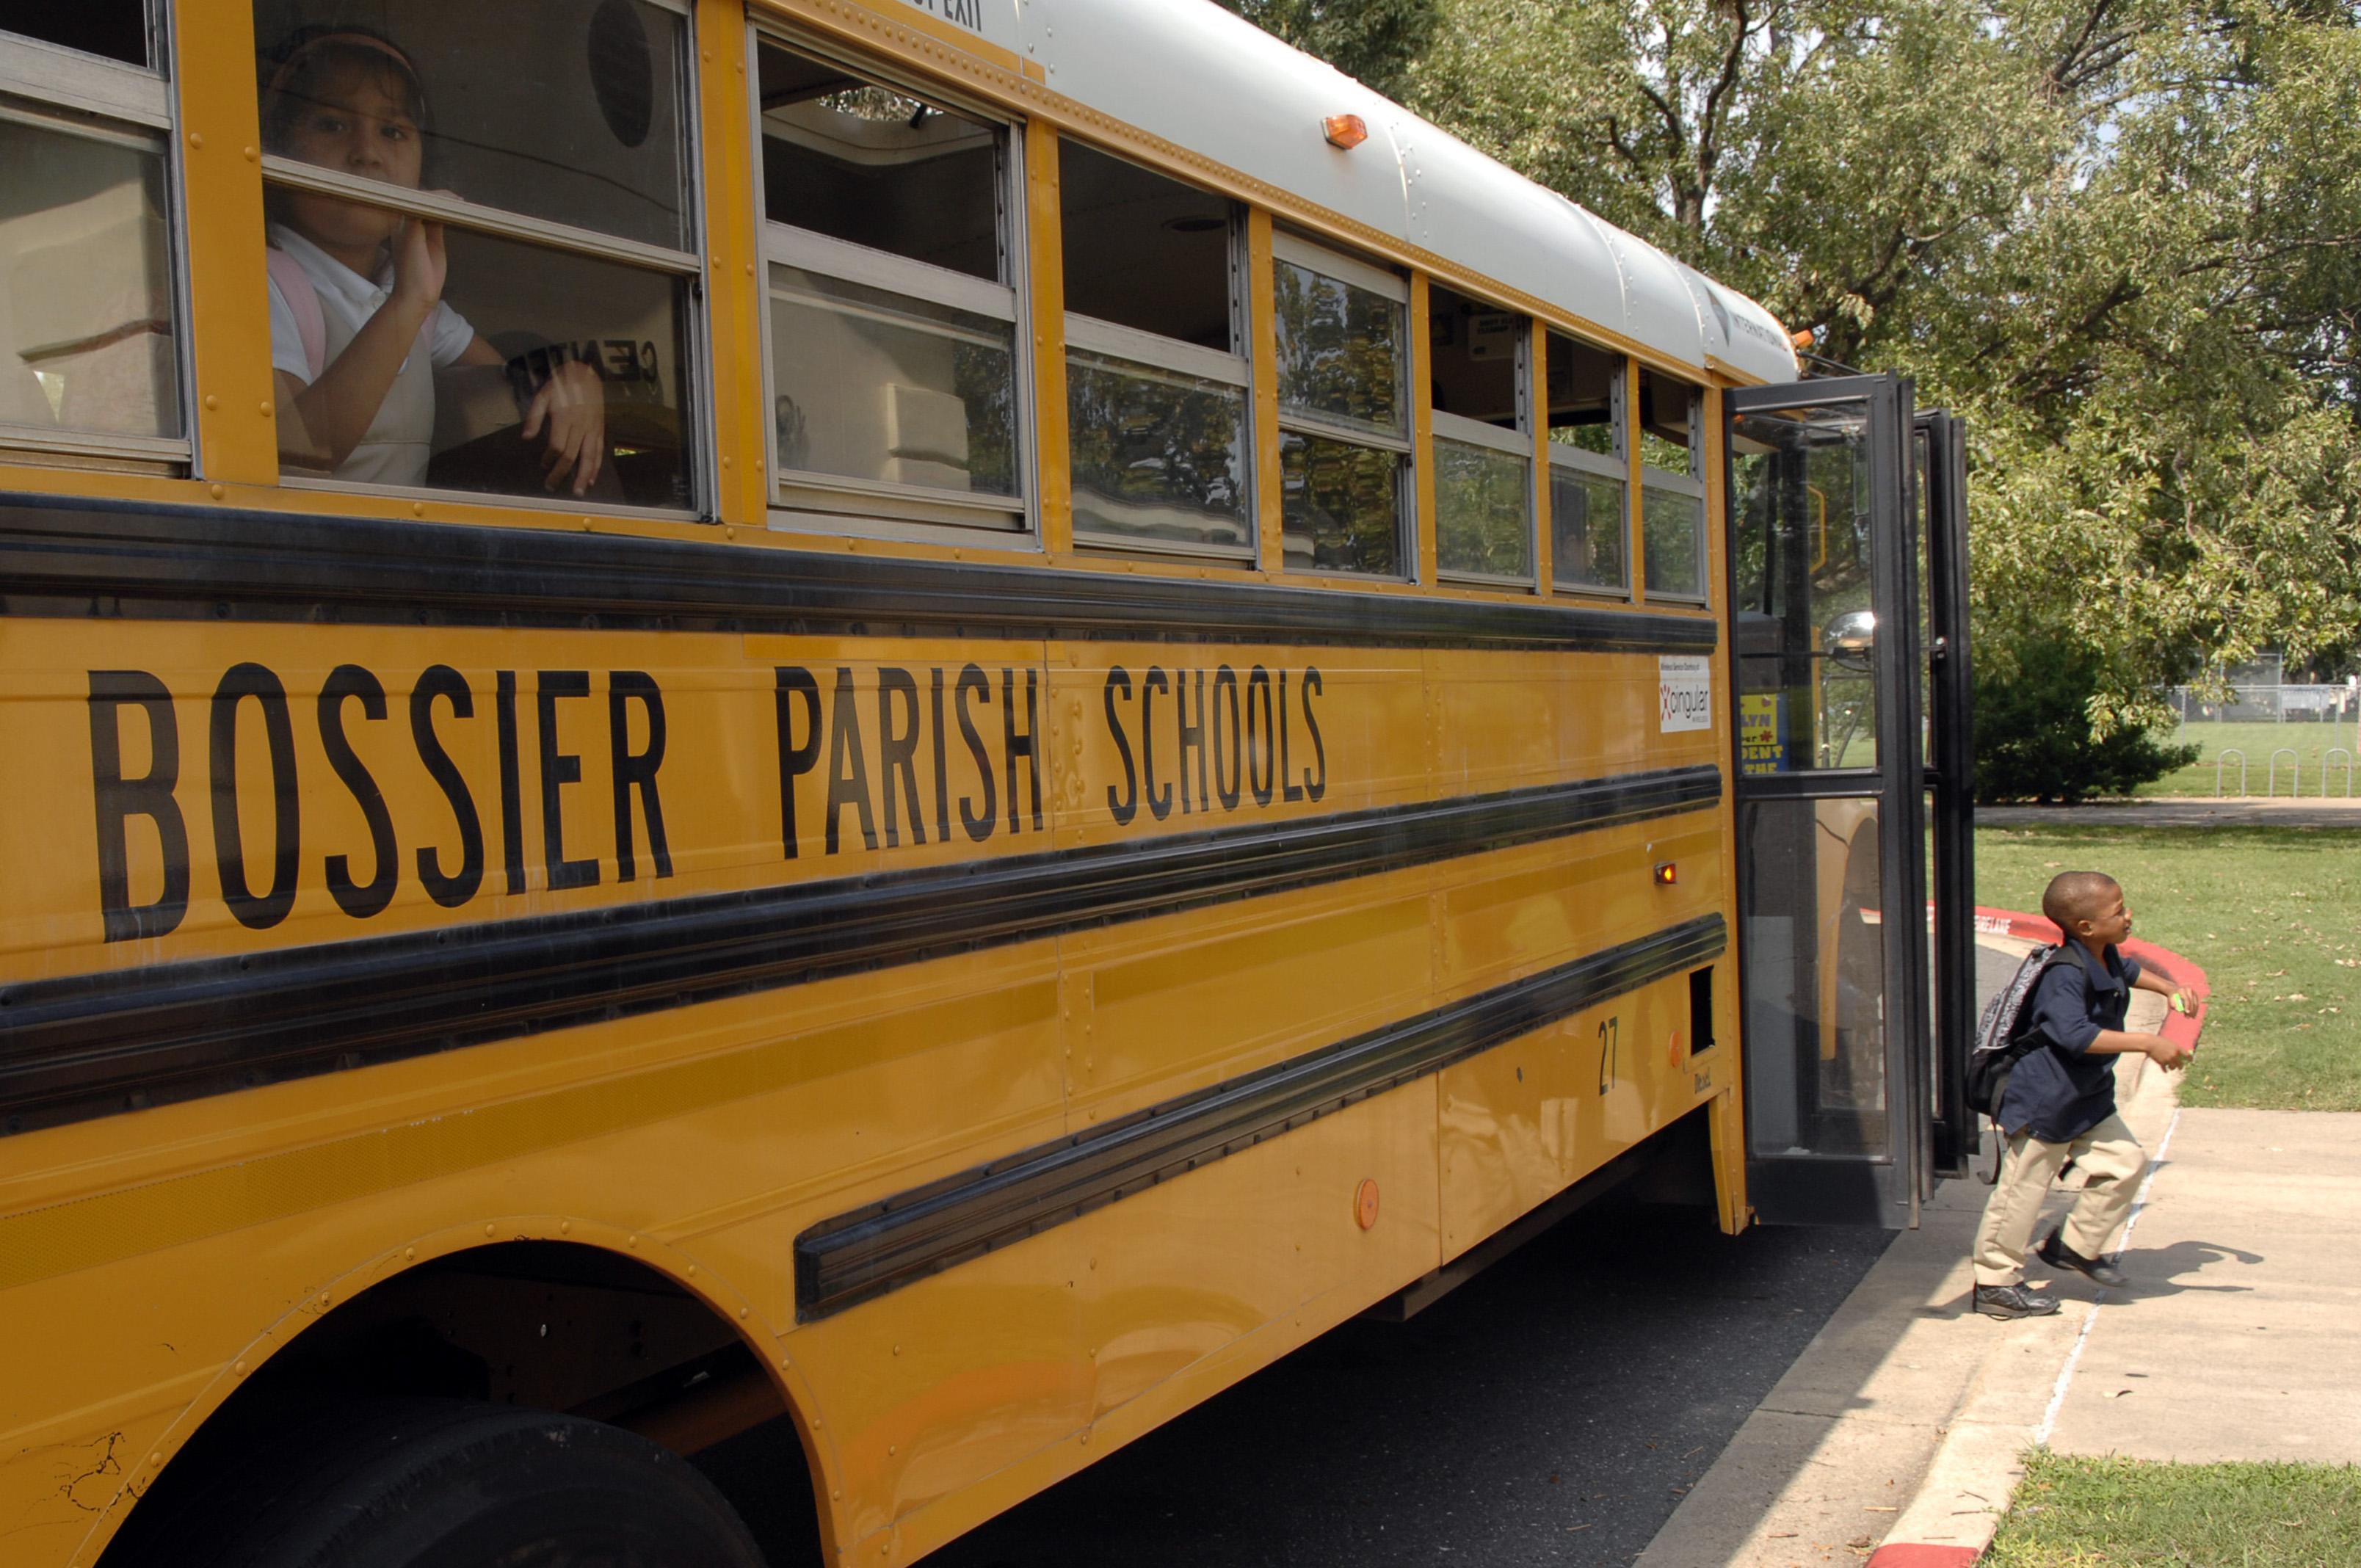 Petite lesbians on a school bus parade